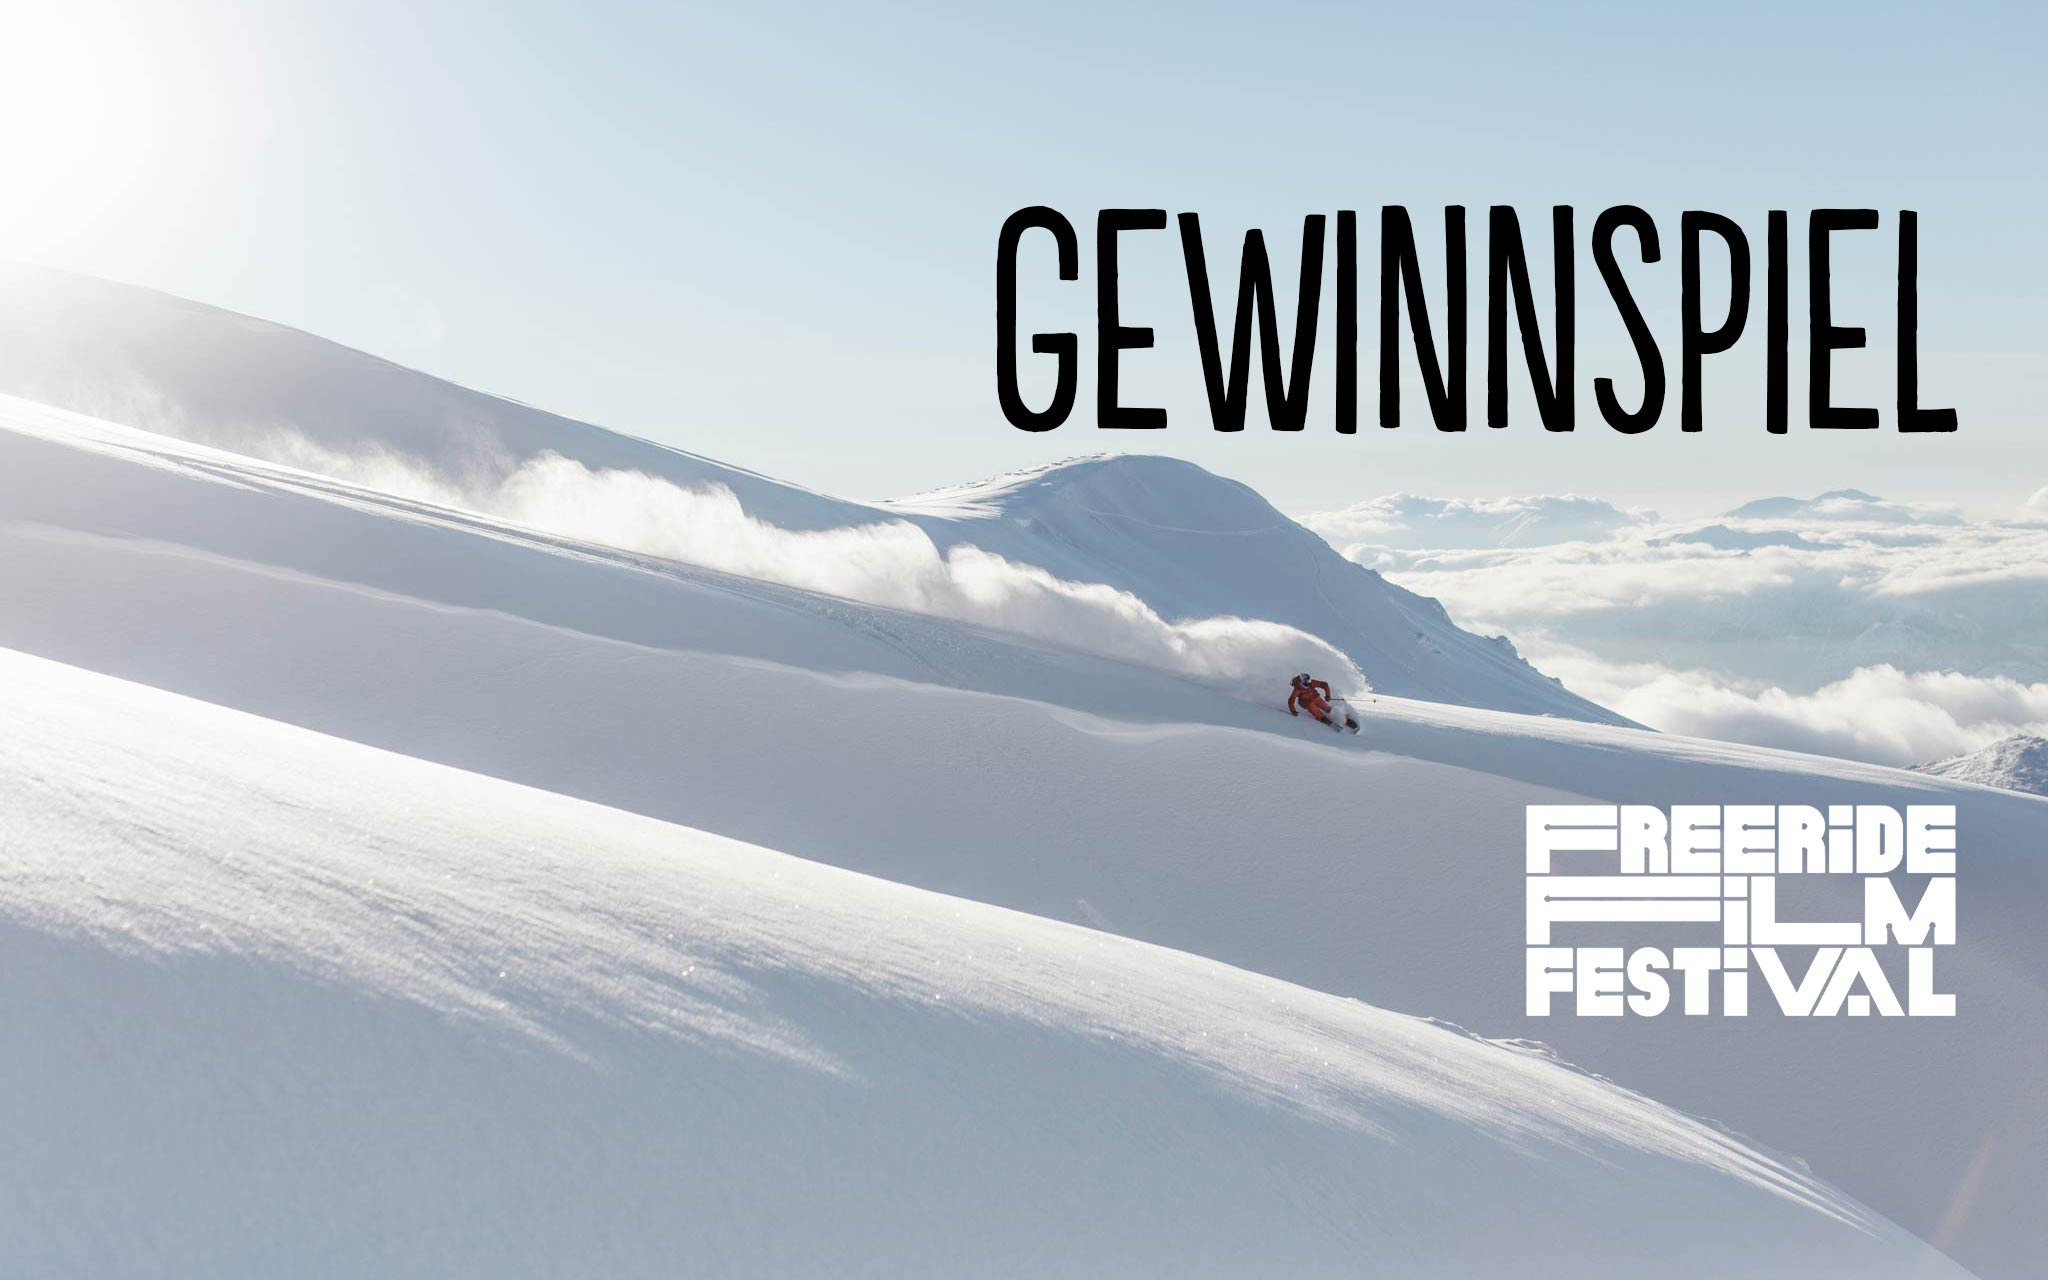 Gewinne Tickets für das Freeride Film Festival 2017 in Berlin - Foto: Elias Holzknecht